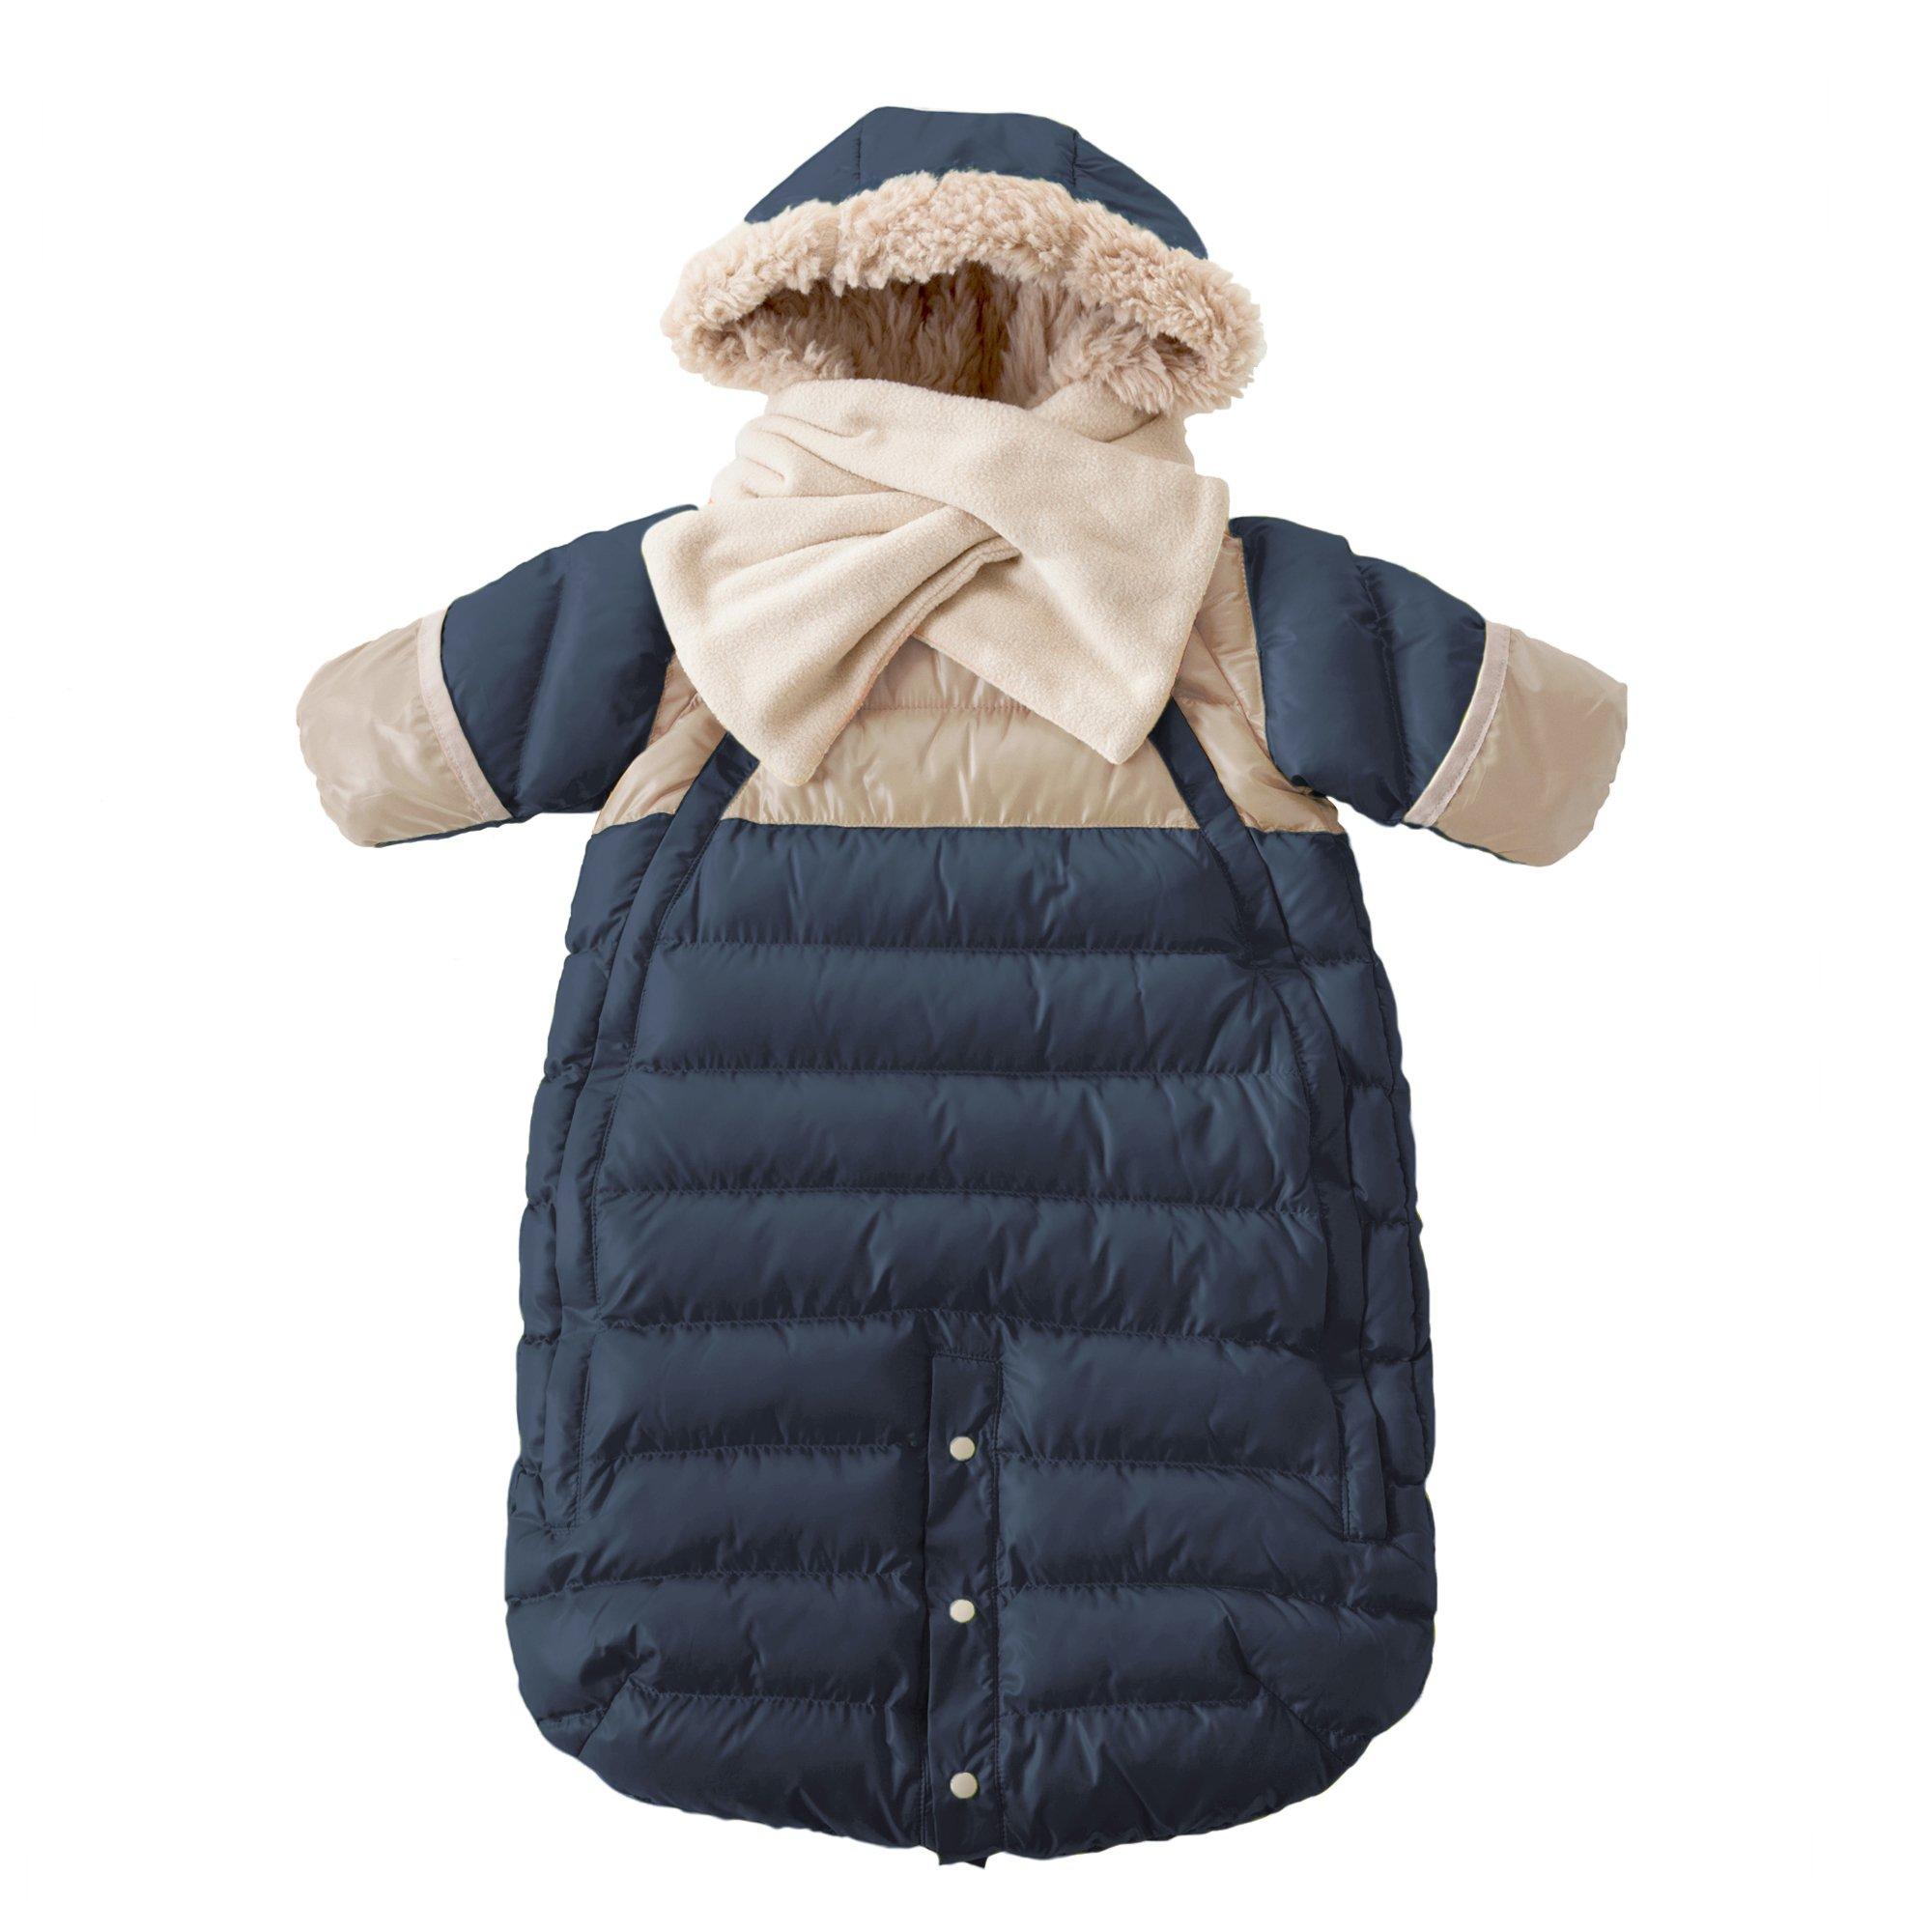 7AM Enfant Doudoune One Piece Infant Snowsuit Bunting, Midnight Blue/Beige, Large